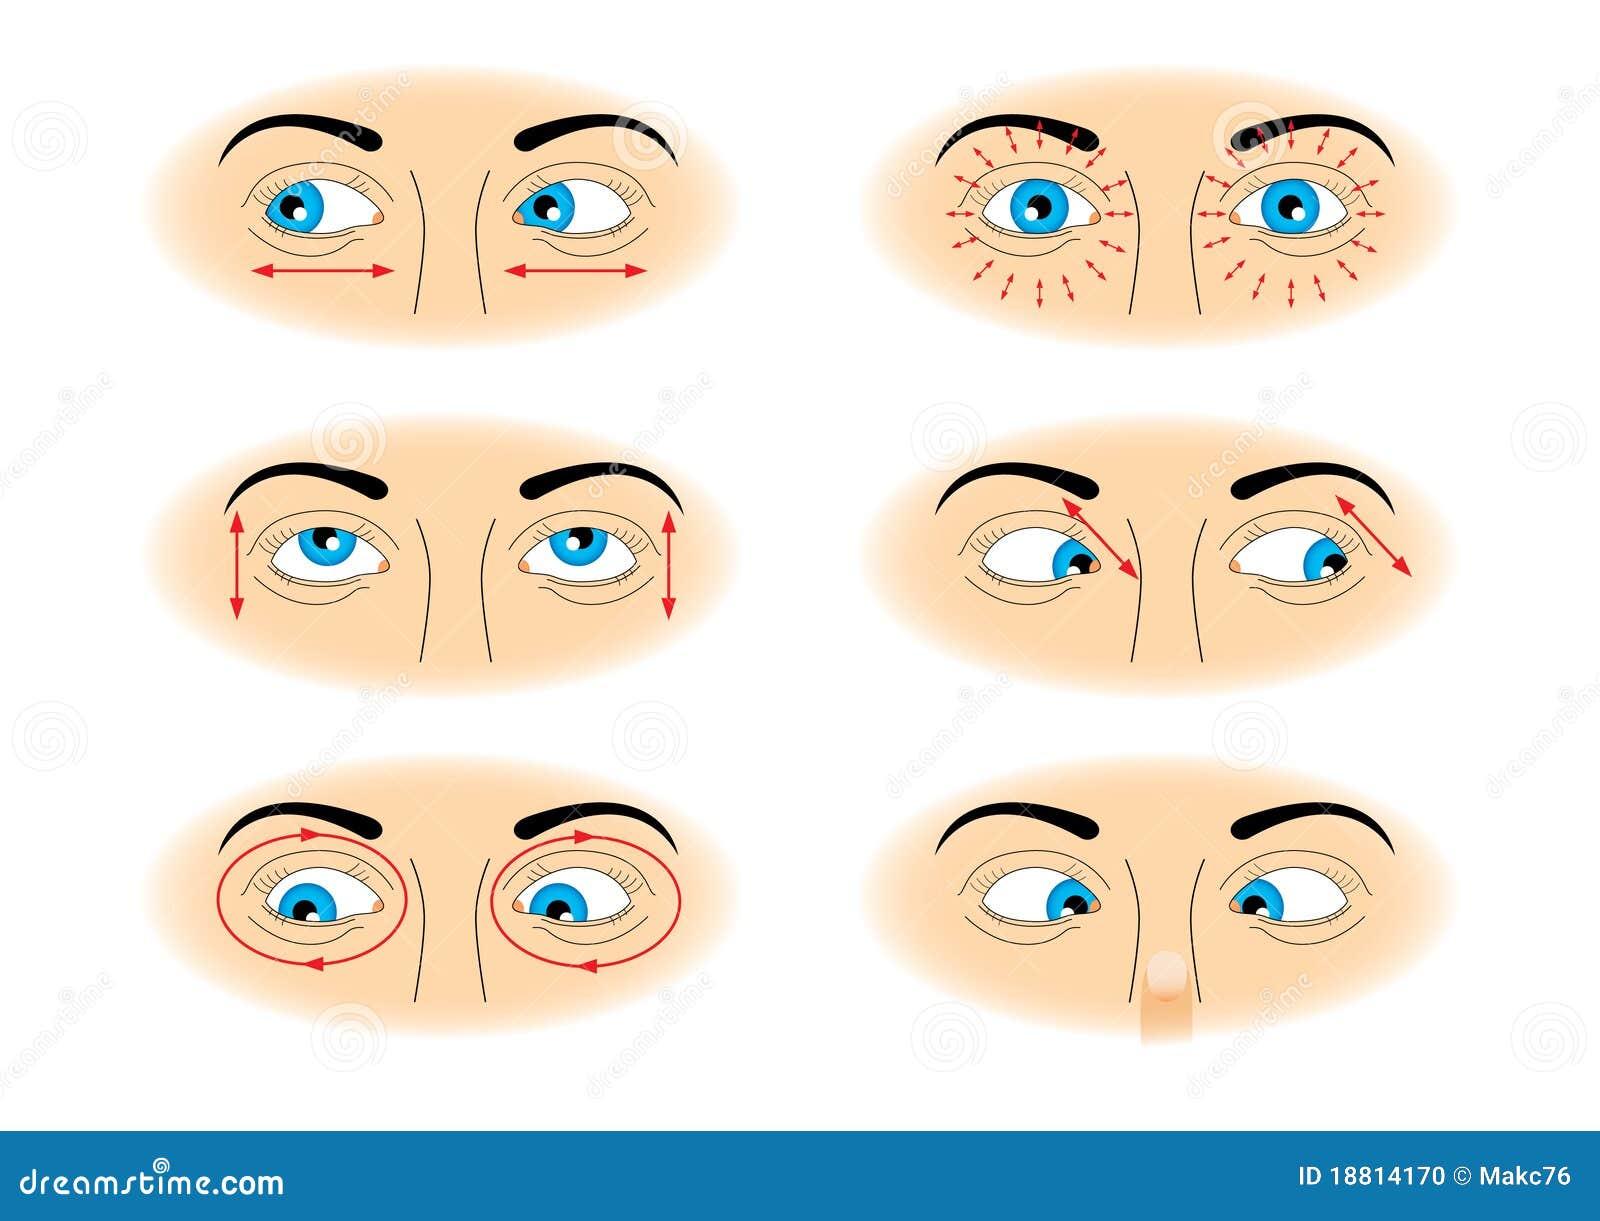 La microcirugía láser del ojo del precio